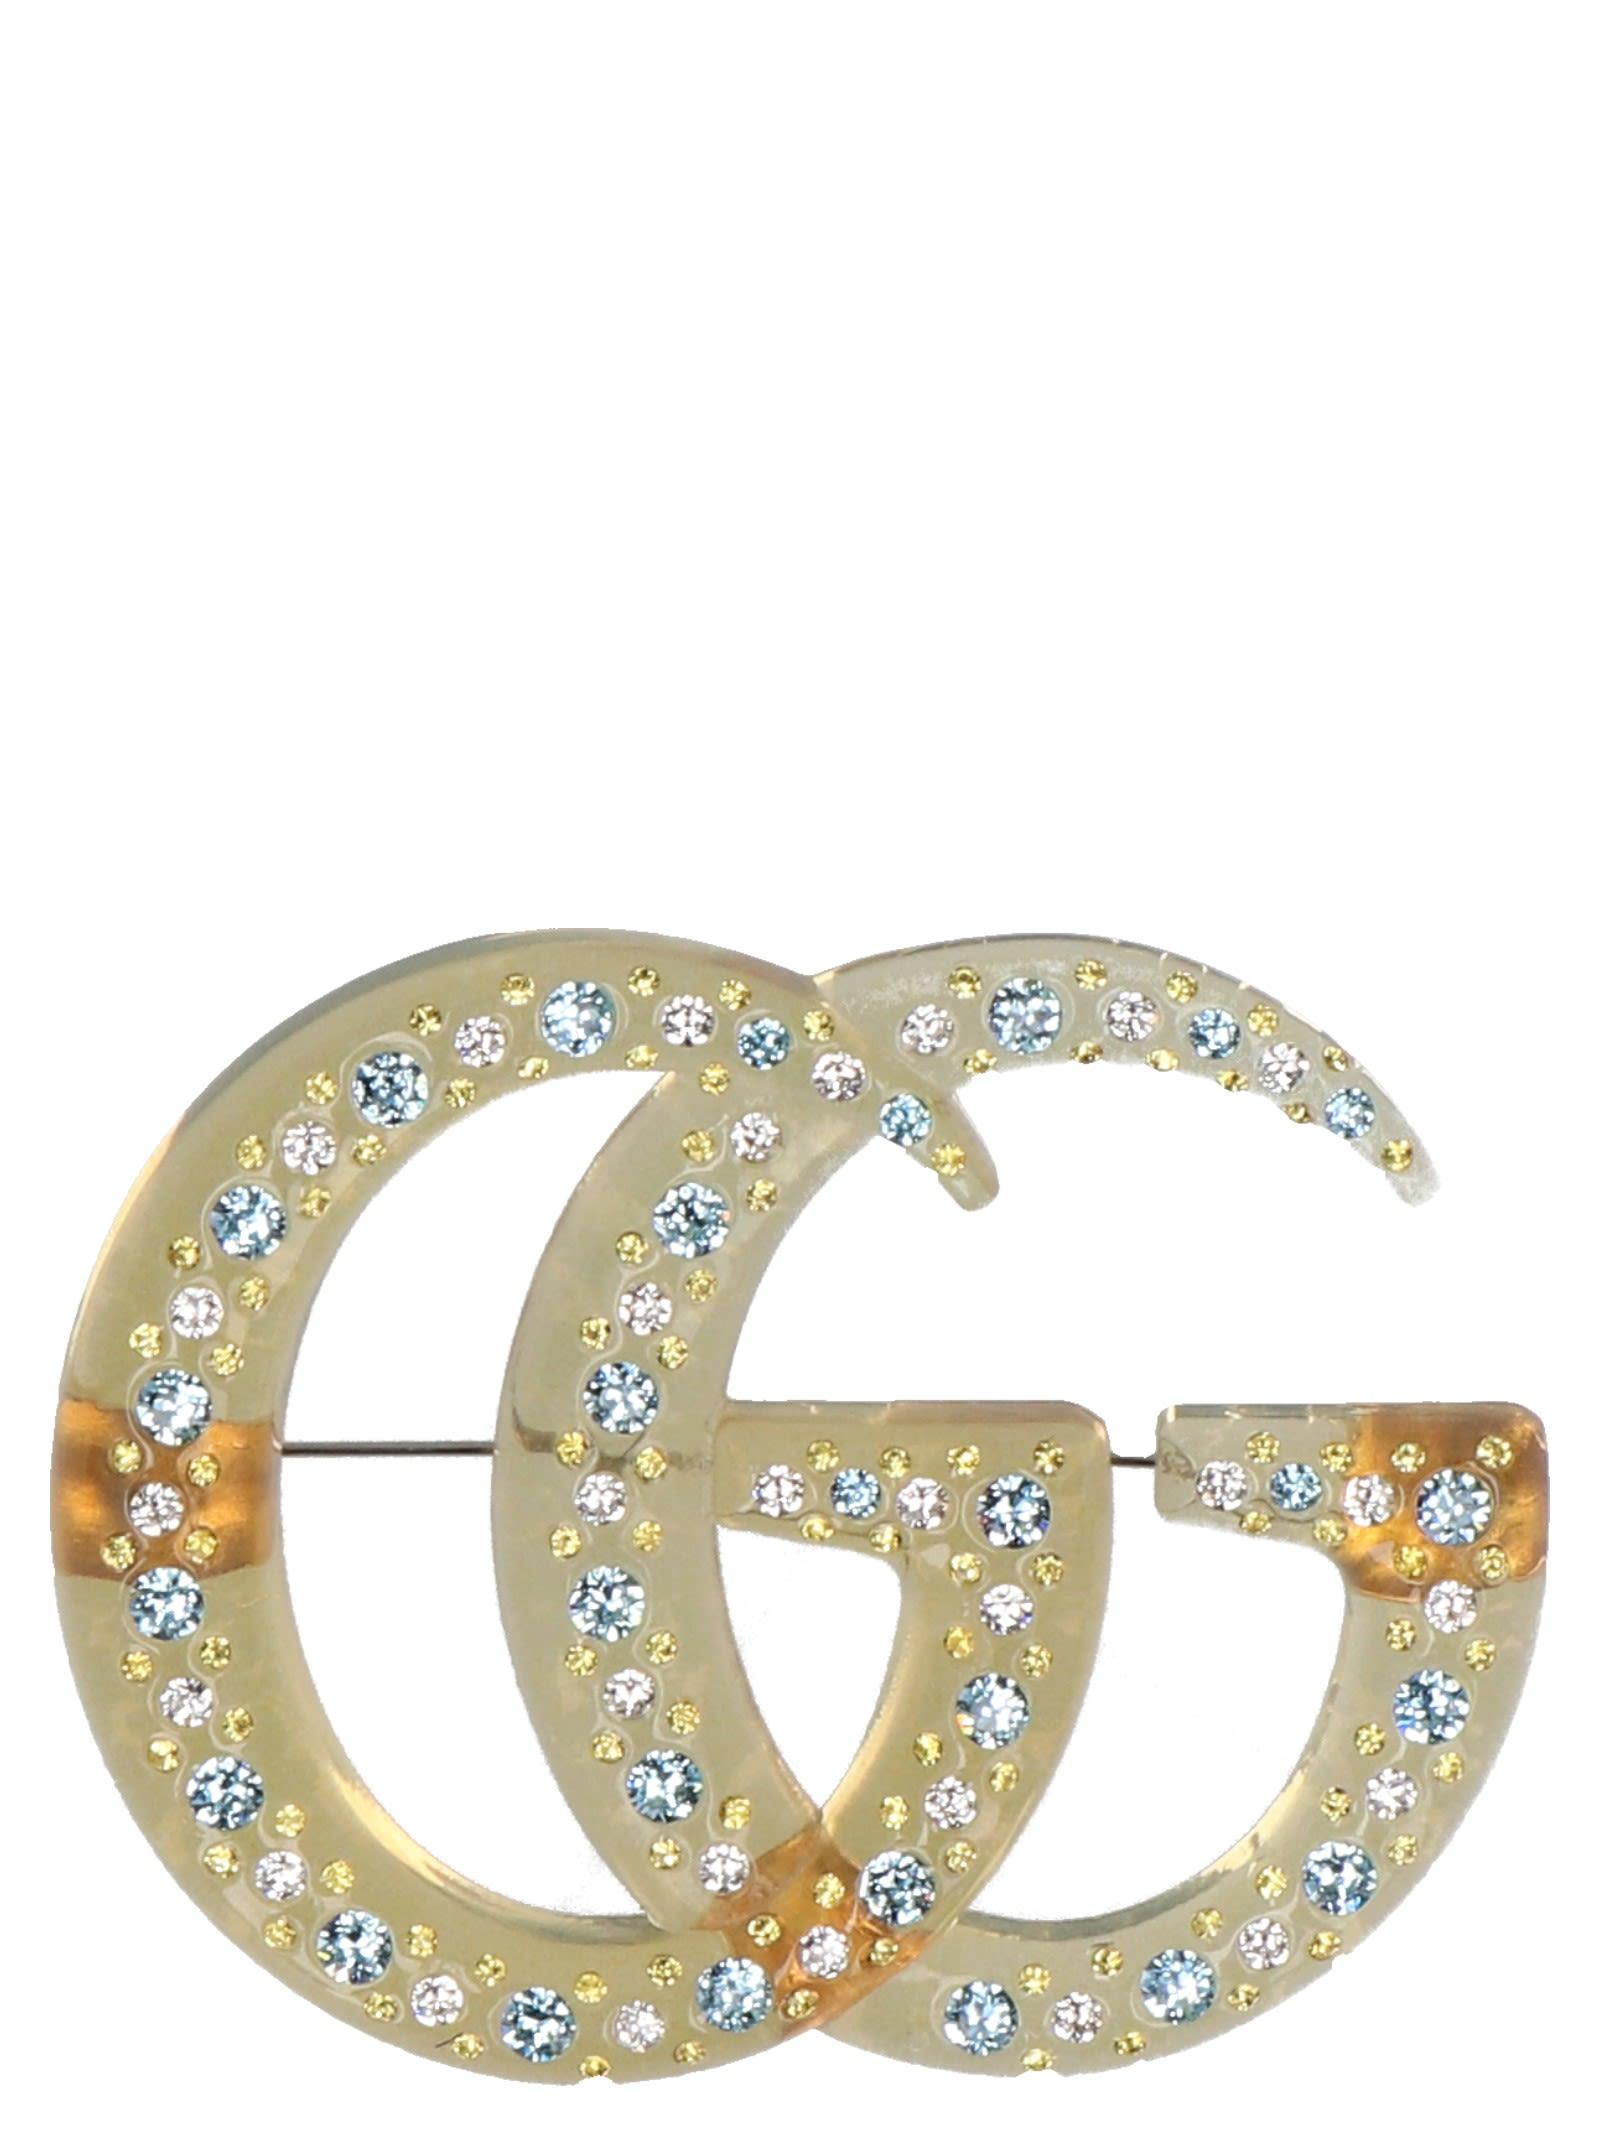 7b5d8c377abe Gucci Gucci  gg Marmont  Pin - Multicolor - 10839310